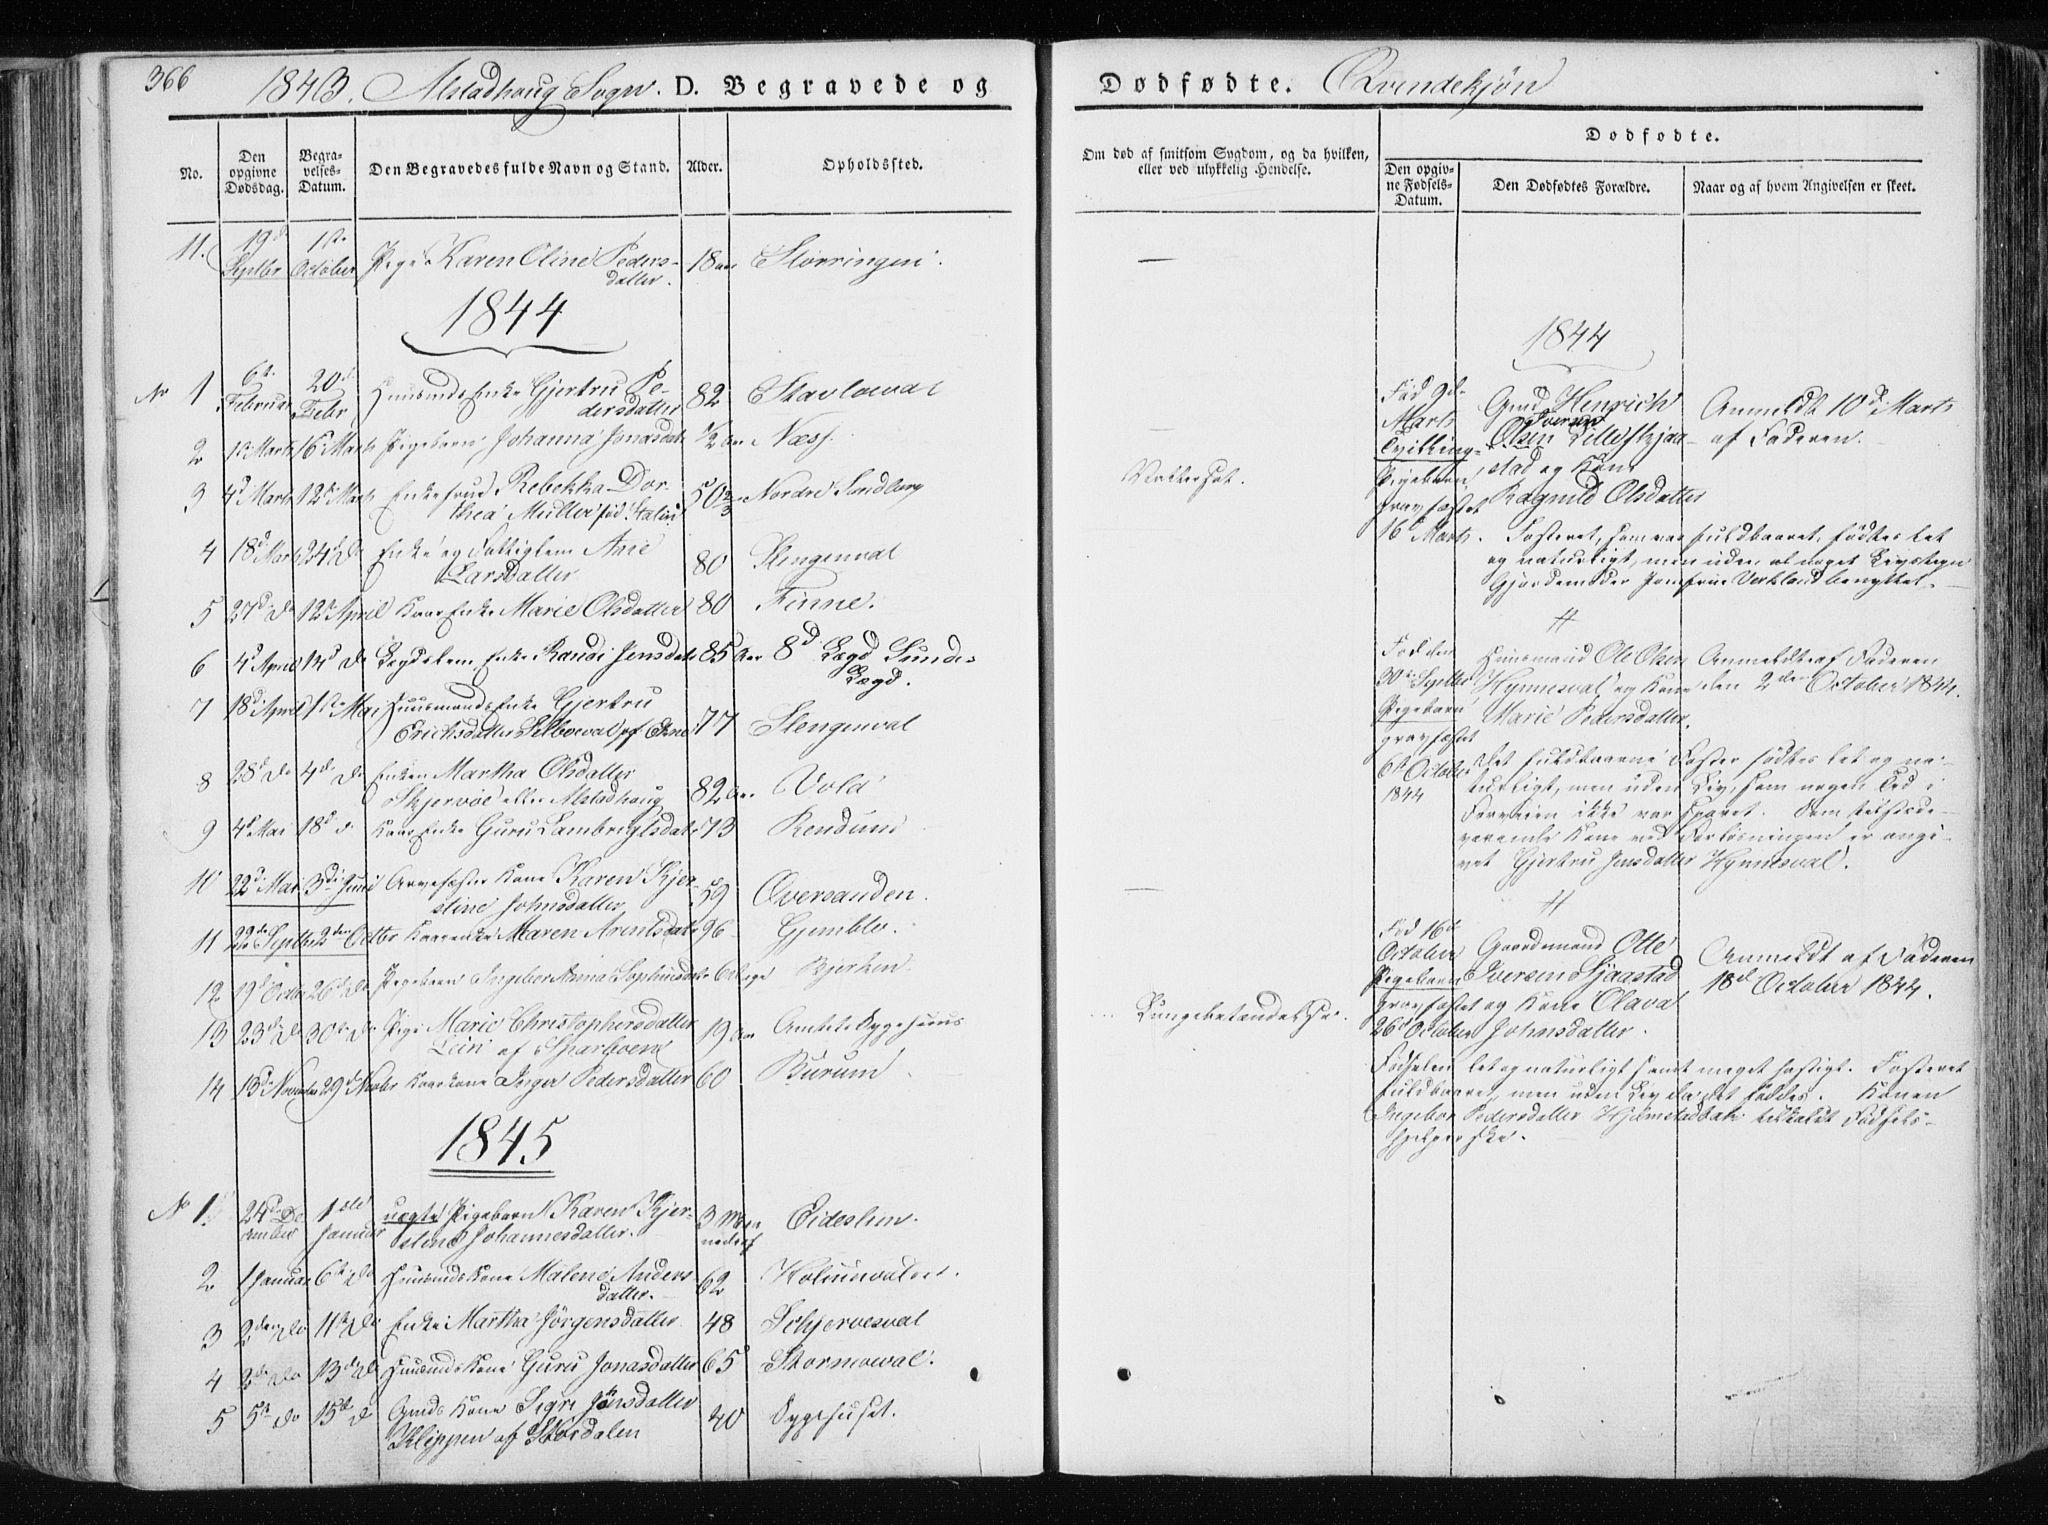 SAT, Ministerialprotokoller, klokkerbøker og fødselsregistre - Nord-Trøndelag, 717/L0154: Ministerialbok nr. 717A06 /1, 1836-1849, s. 366